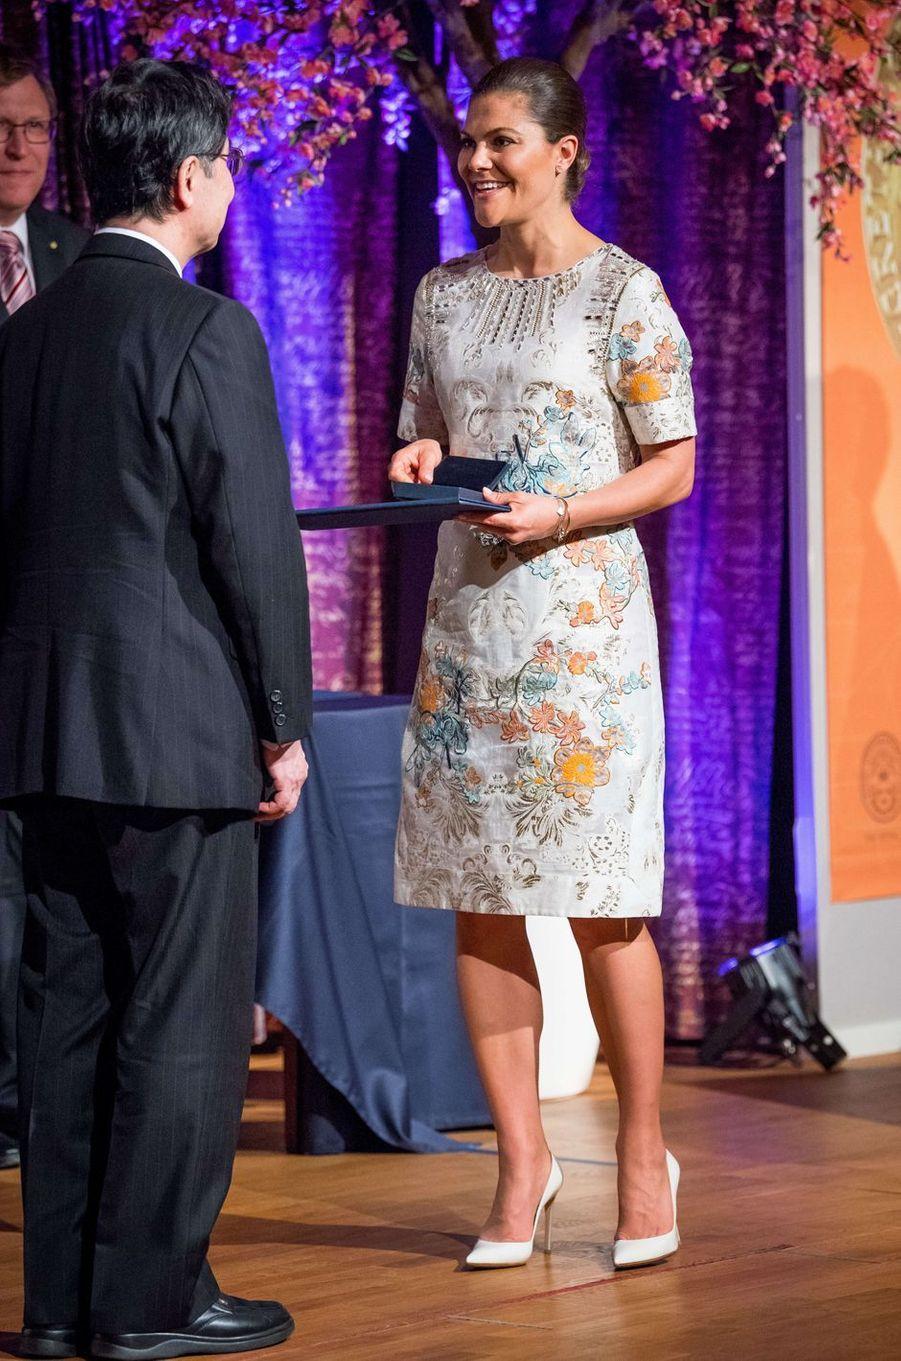 La princesse héritière Victoria de Suède remet le prix Crafoord à Stockholm, le 18 mai 2017